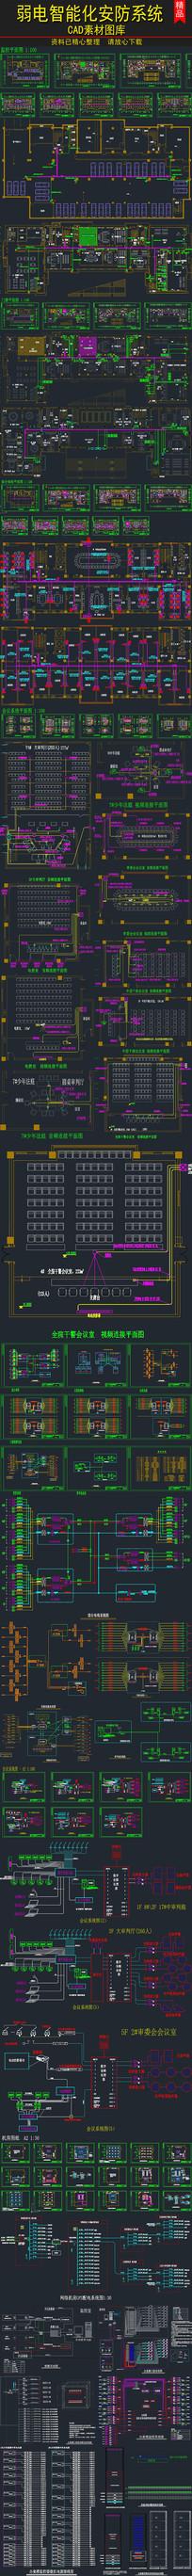 弱电智能化安防系统图设计CAD素材